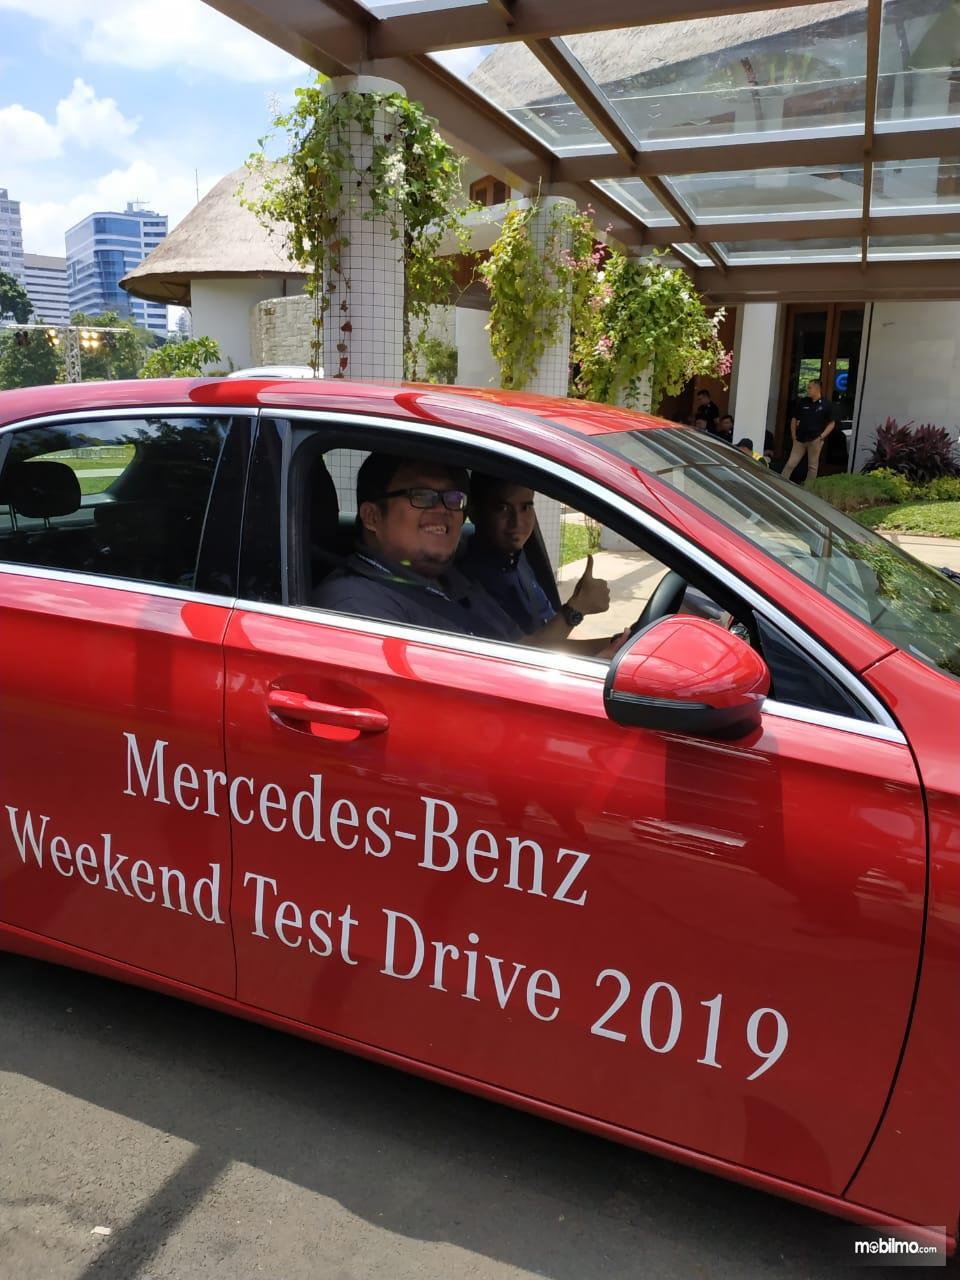 Kesimpulan tester Mobilmo.com terhadap Mercedes-Benz A 200 Progressive Line 2019